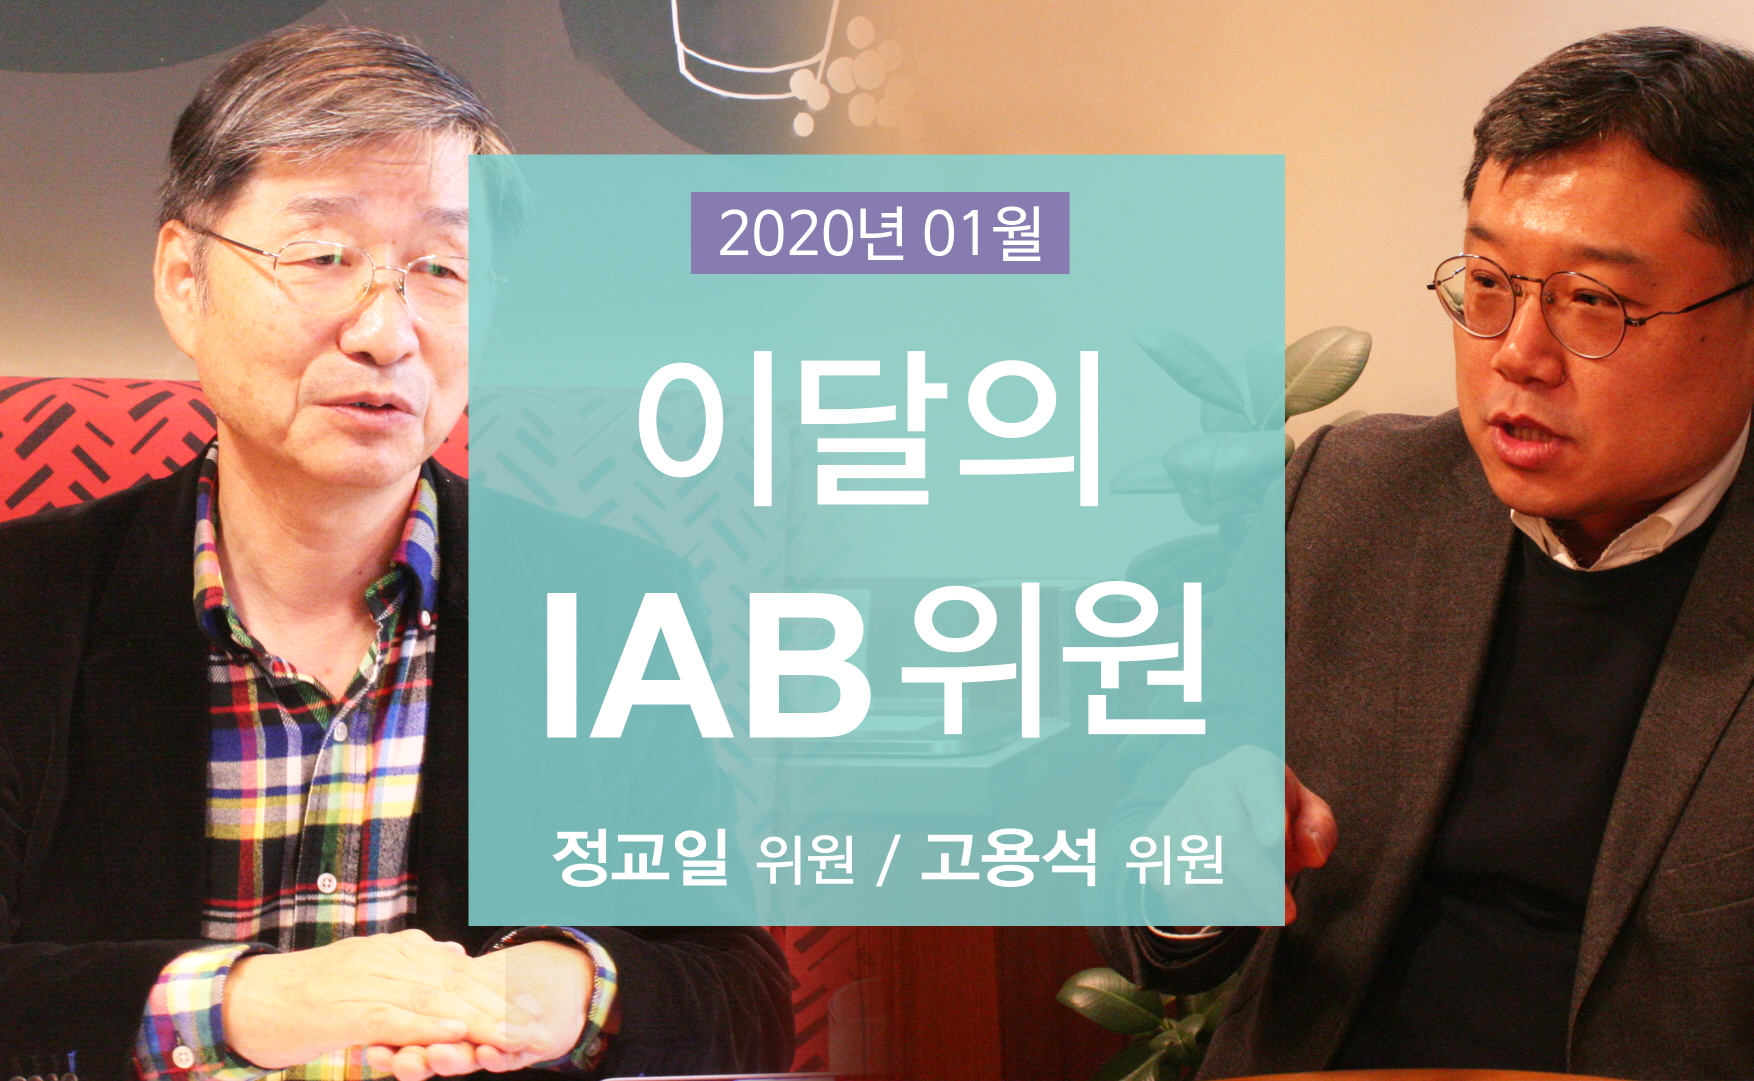 이달의 IAB위원_1월